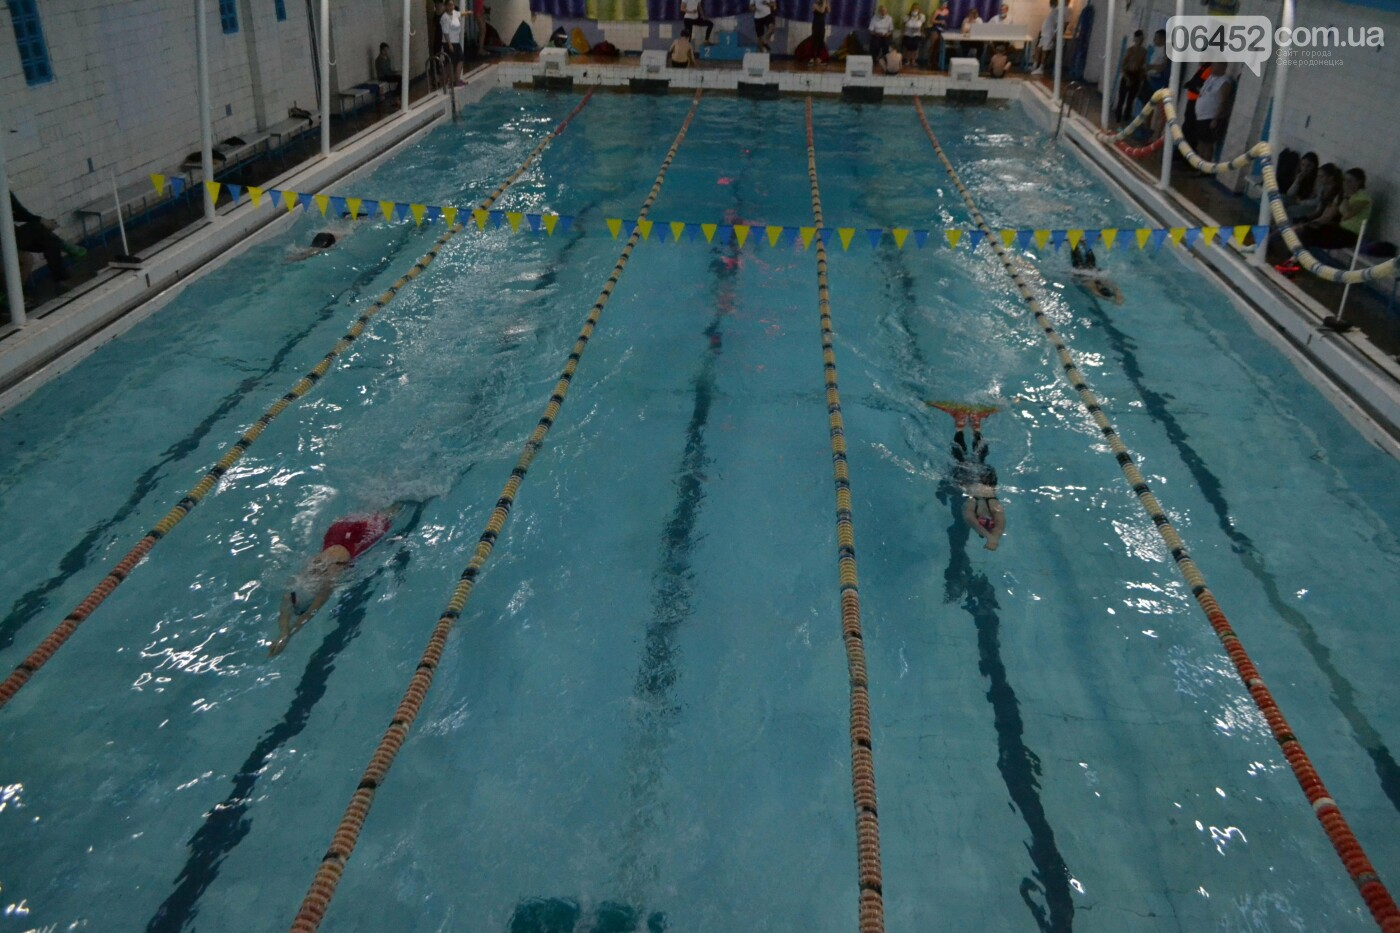 В Северодонецке проходит Чемпионат области по подводным видам спорта (фото, видео) , фото-18